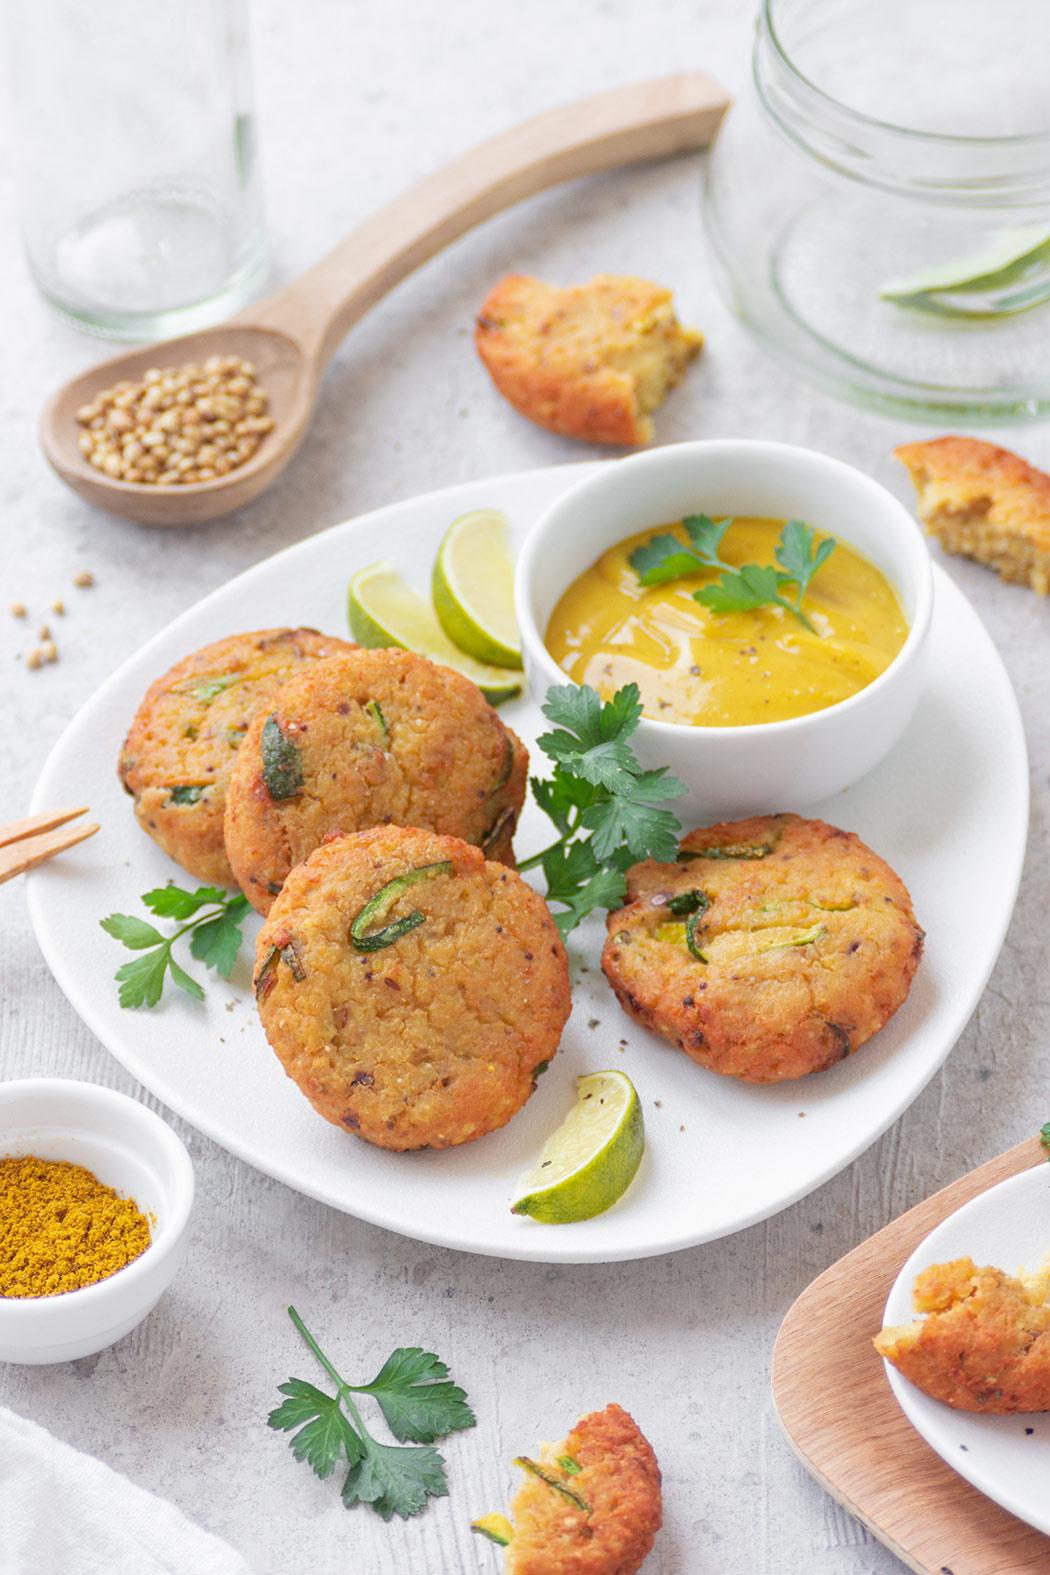 Crocchette di miglio, ceci e zucchine all'indiana